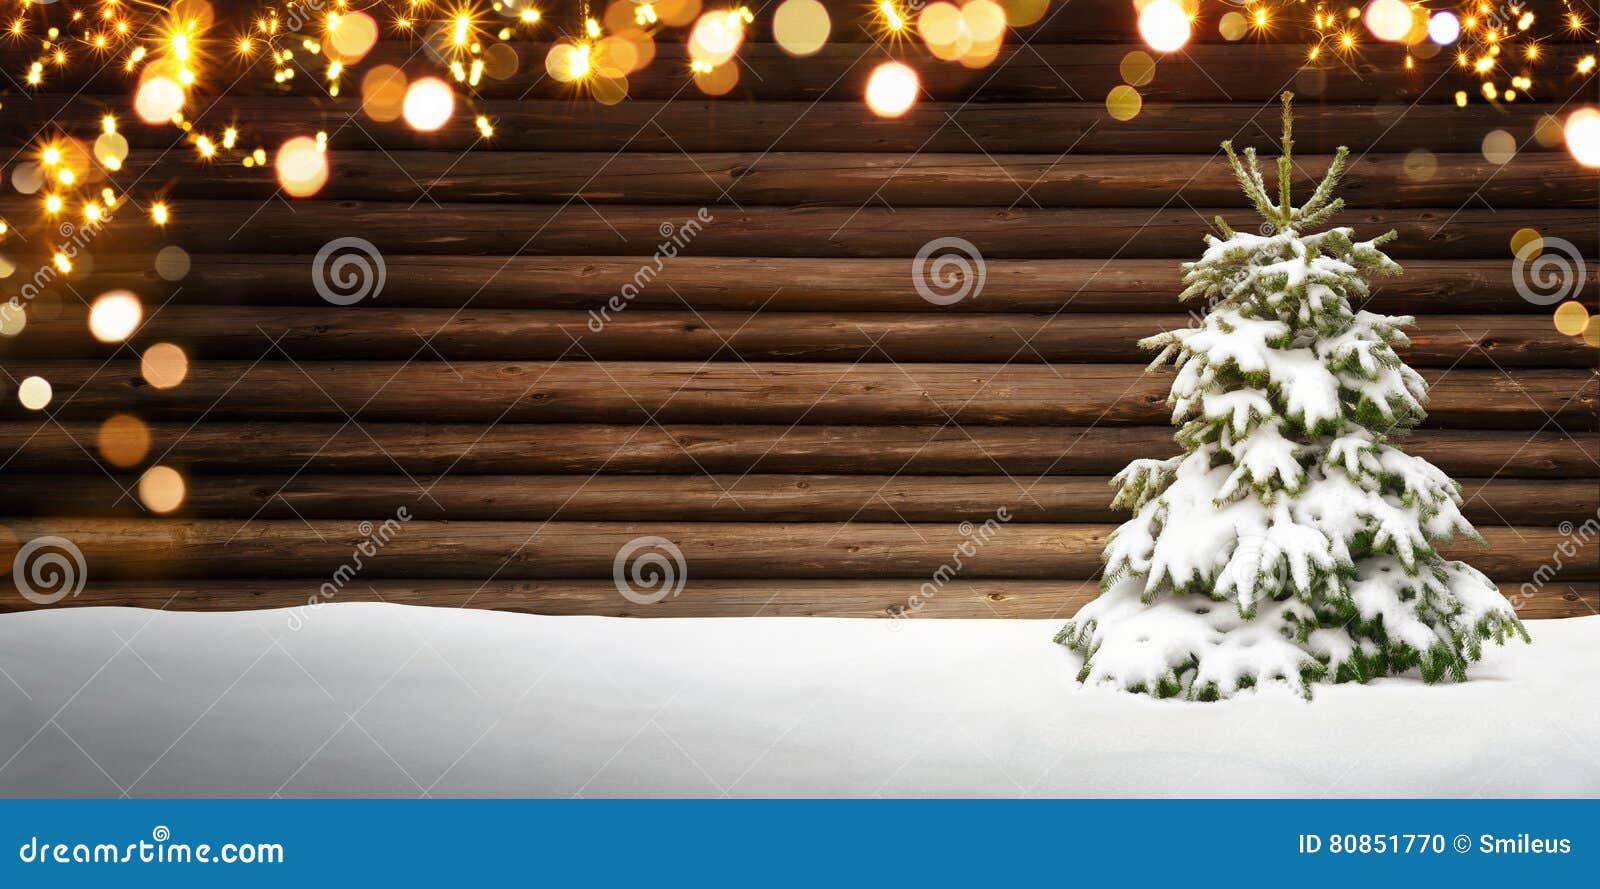 Weihnachtsrahmen Mit Tannenbaum, Holz, Schnee Und Lichtern Stockfoto ...